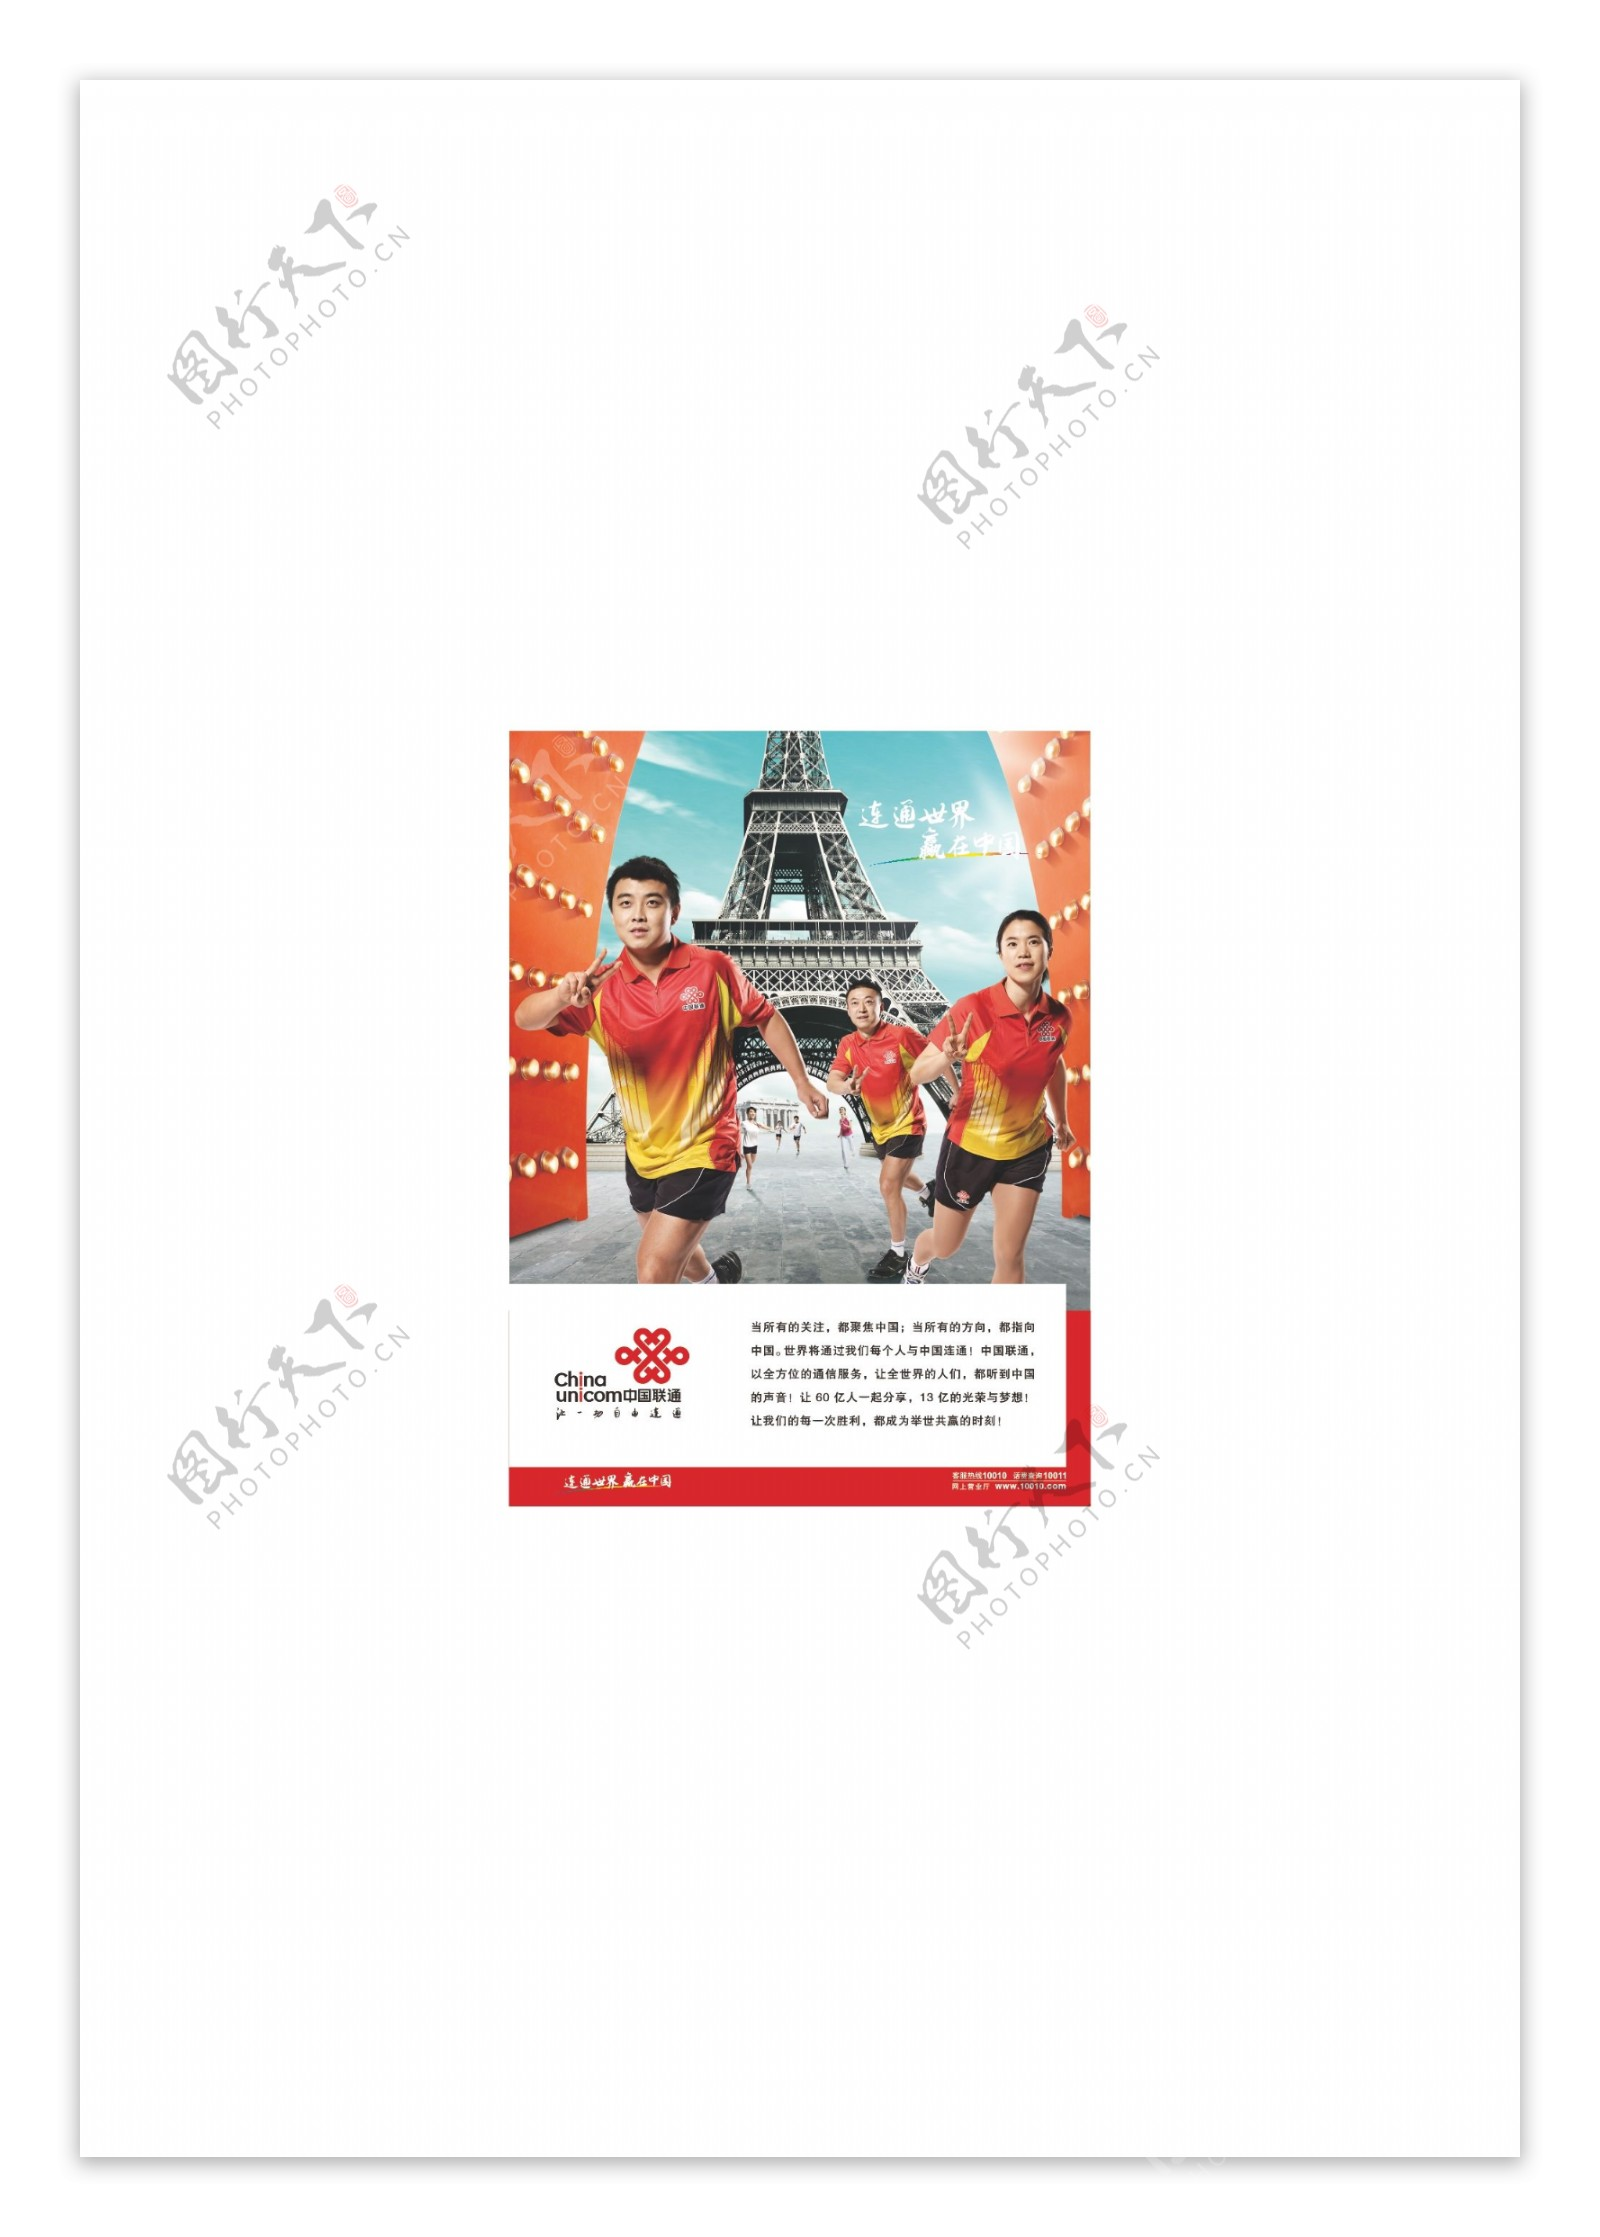 中国联通赢在中国图片